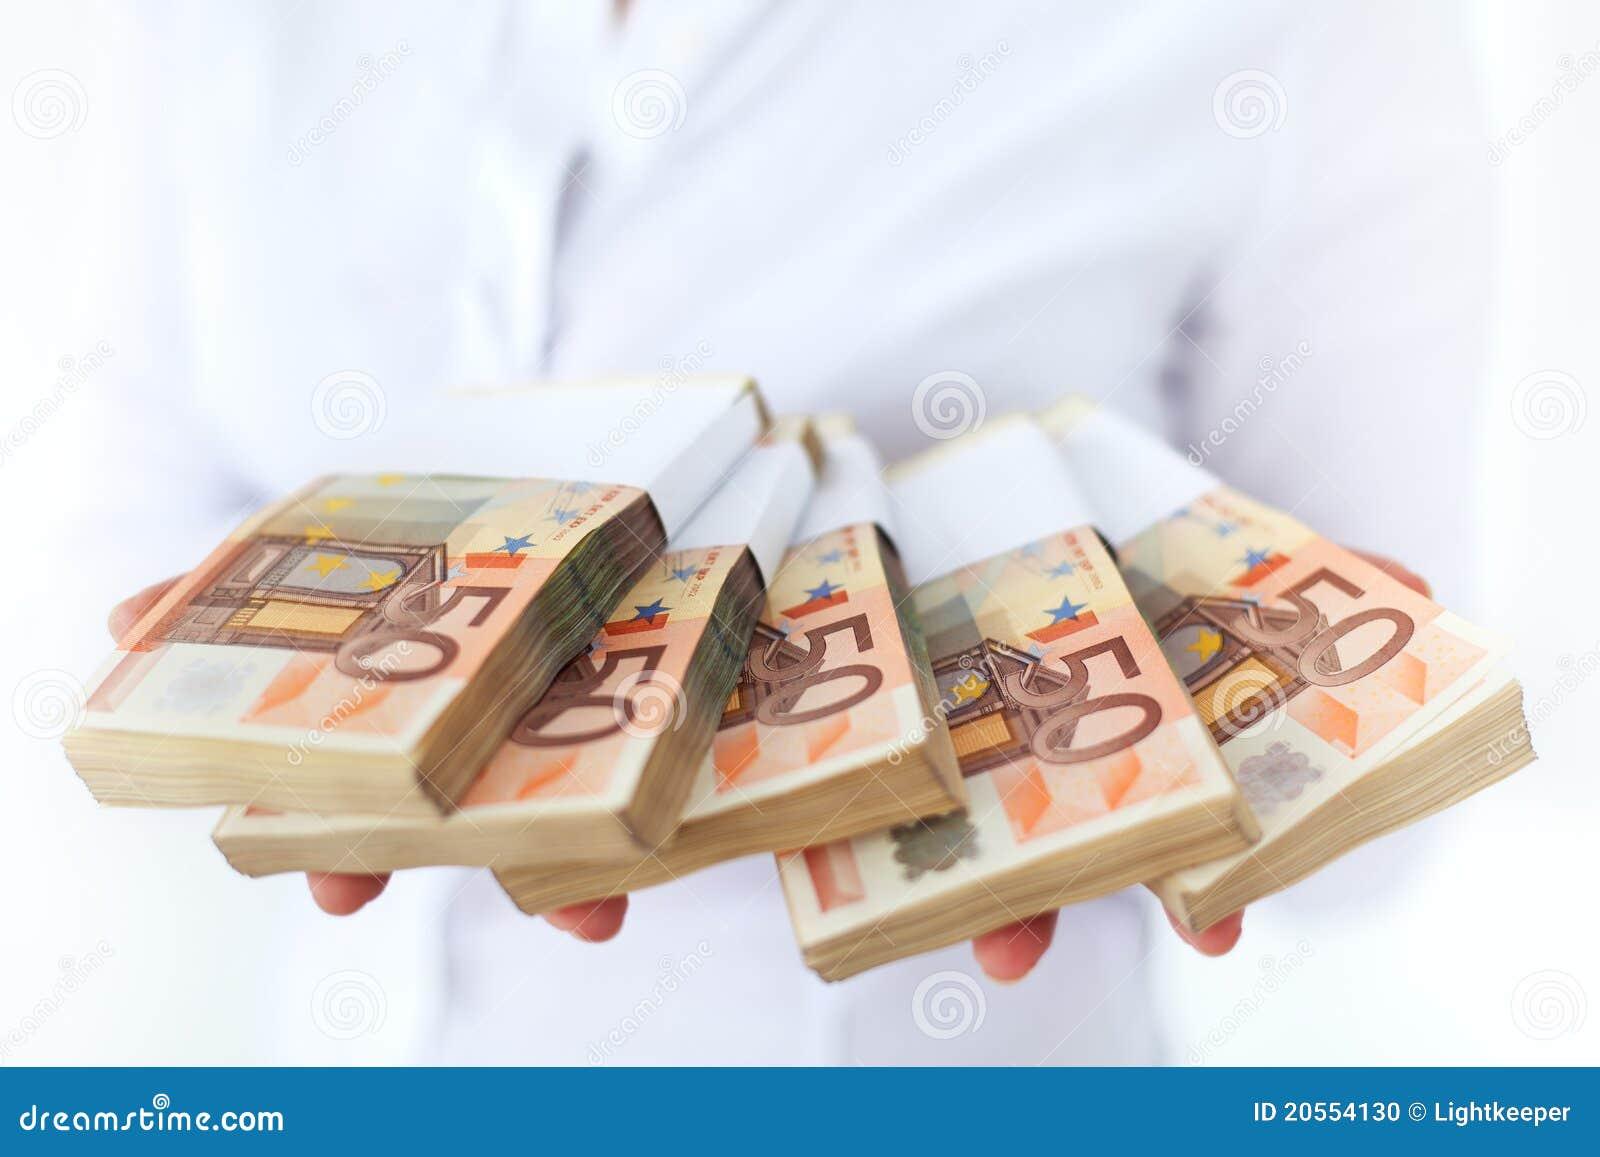 Veel geld in stapels